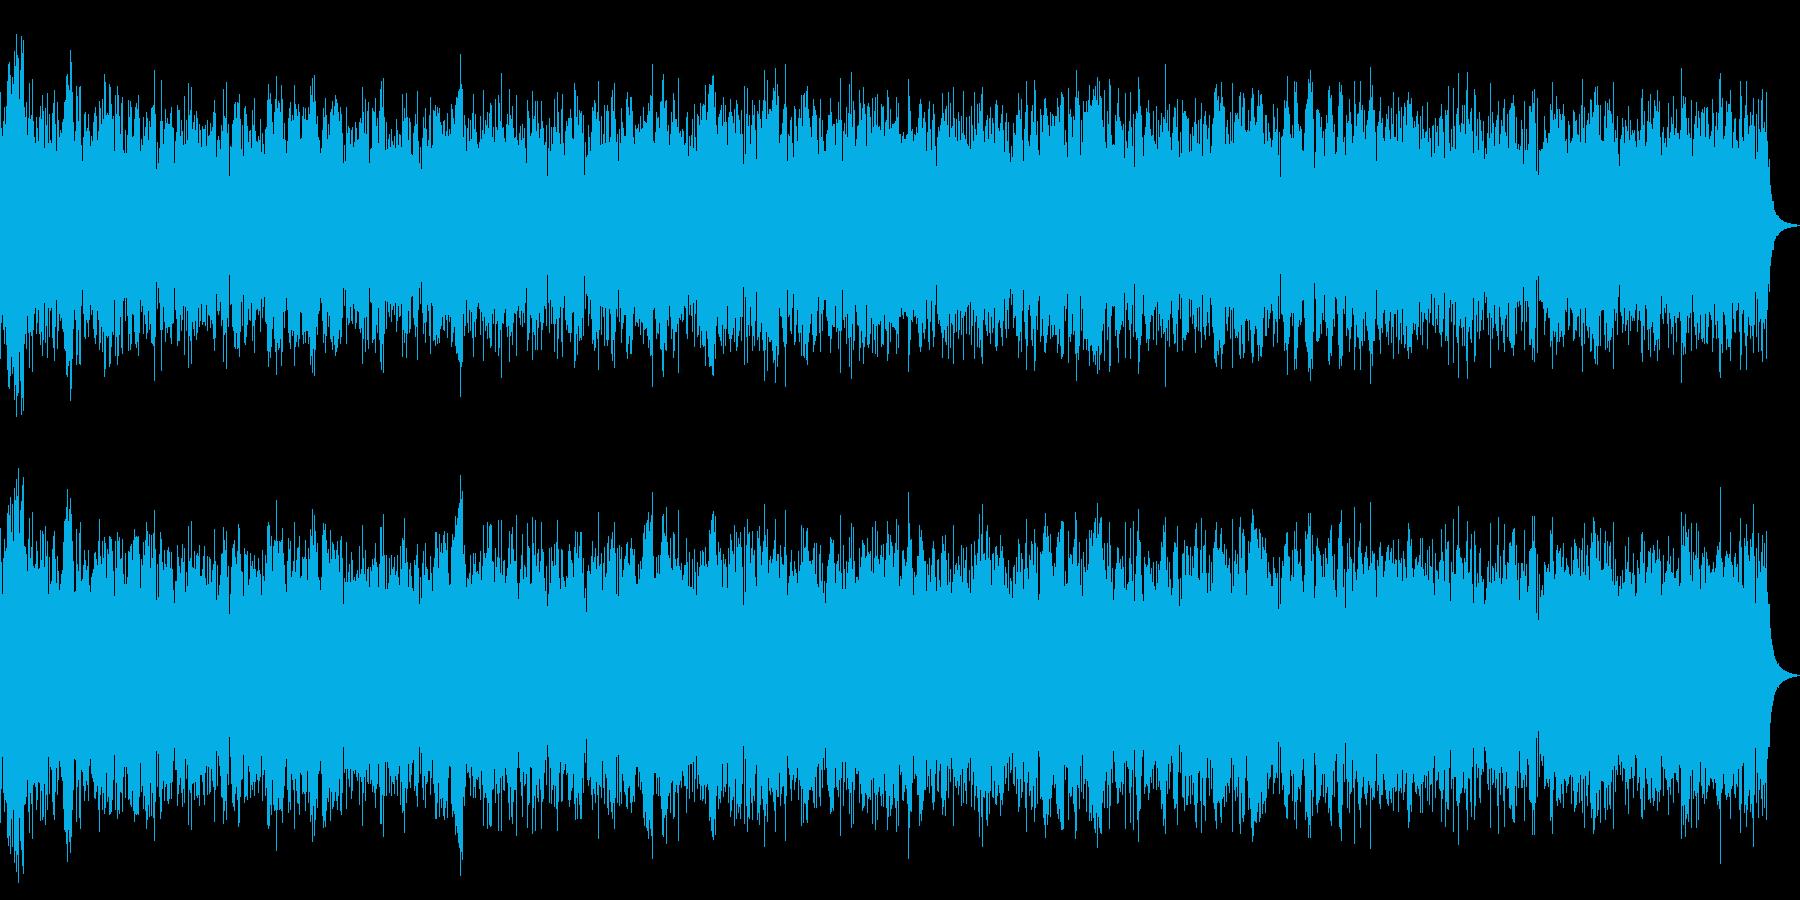 レトロな目覚まし時計のベル(ジリリリ)Cの再生済みの波形